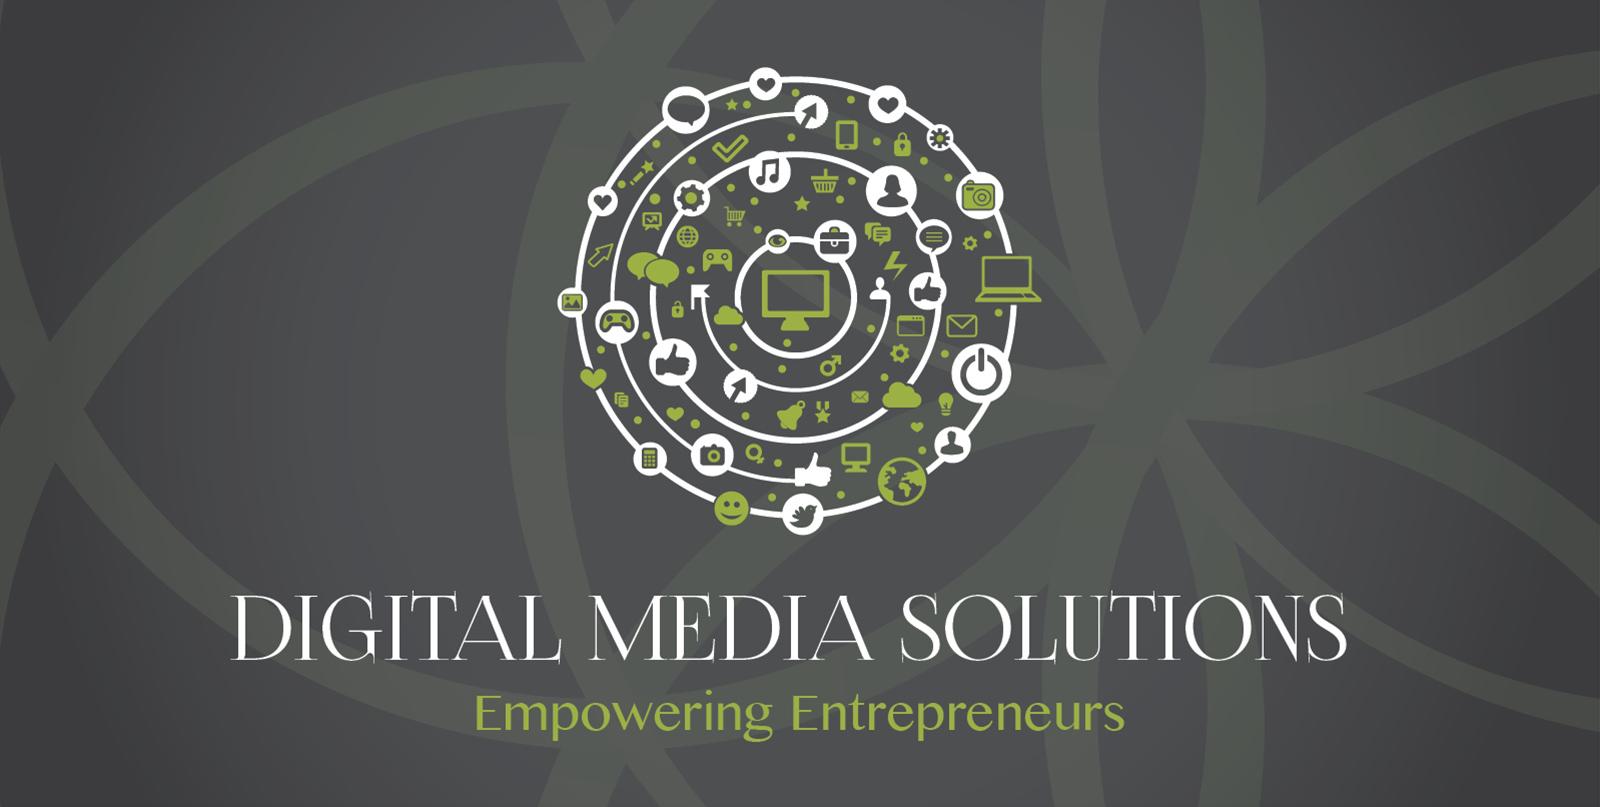 Digital-Media-Solutions.jpg